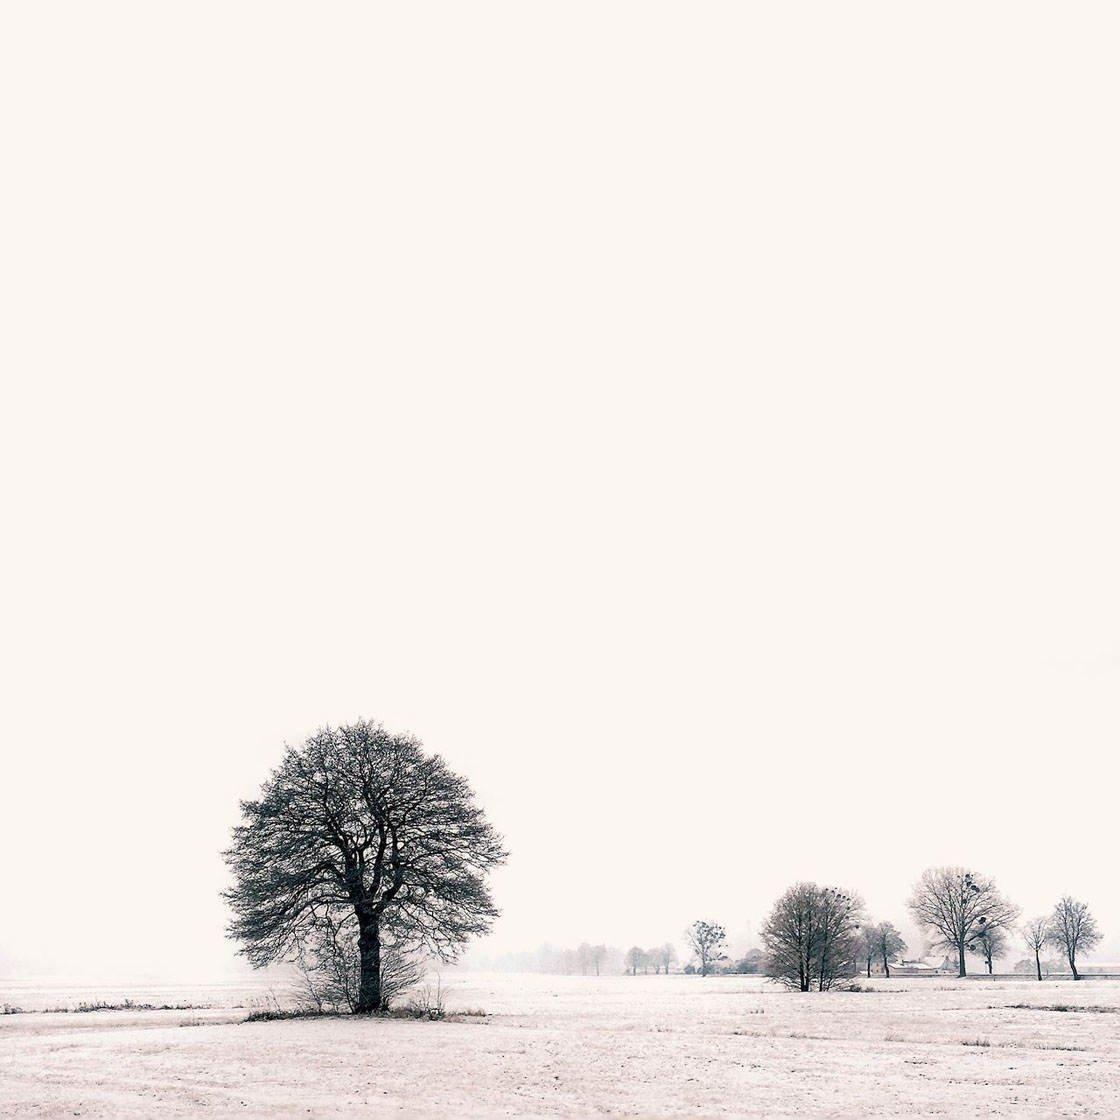 iPhone Landscape Photos 2016 22 no script